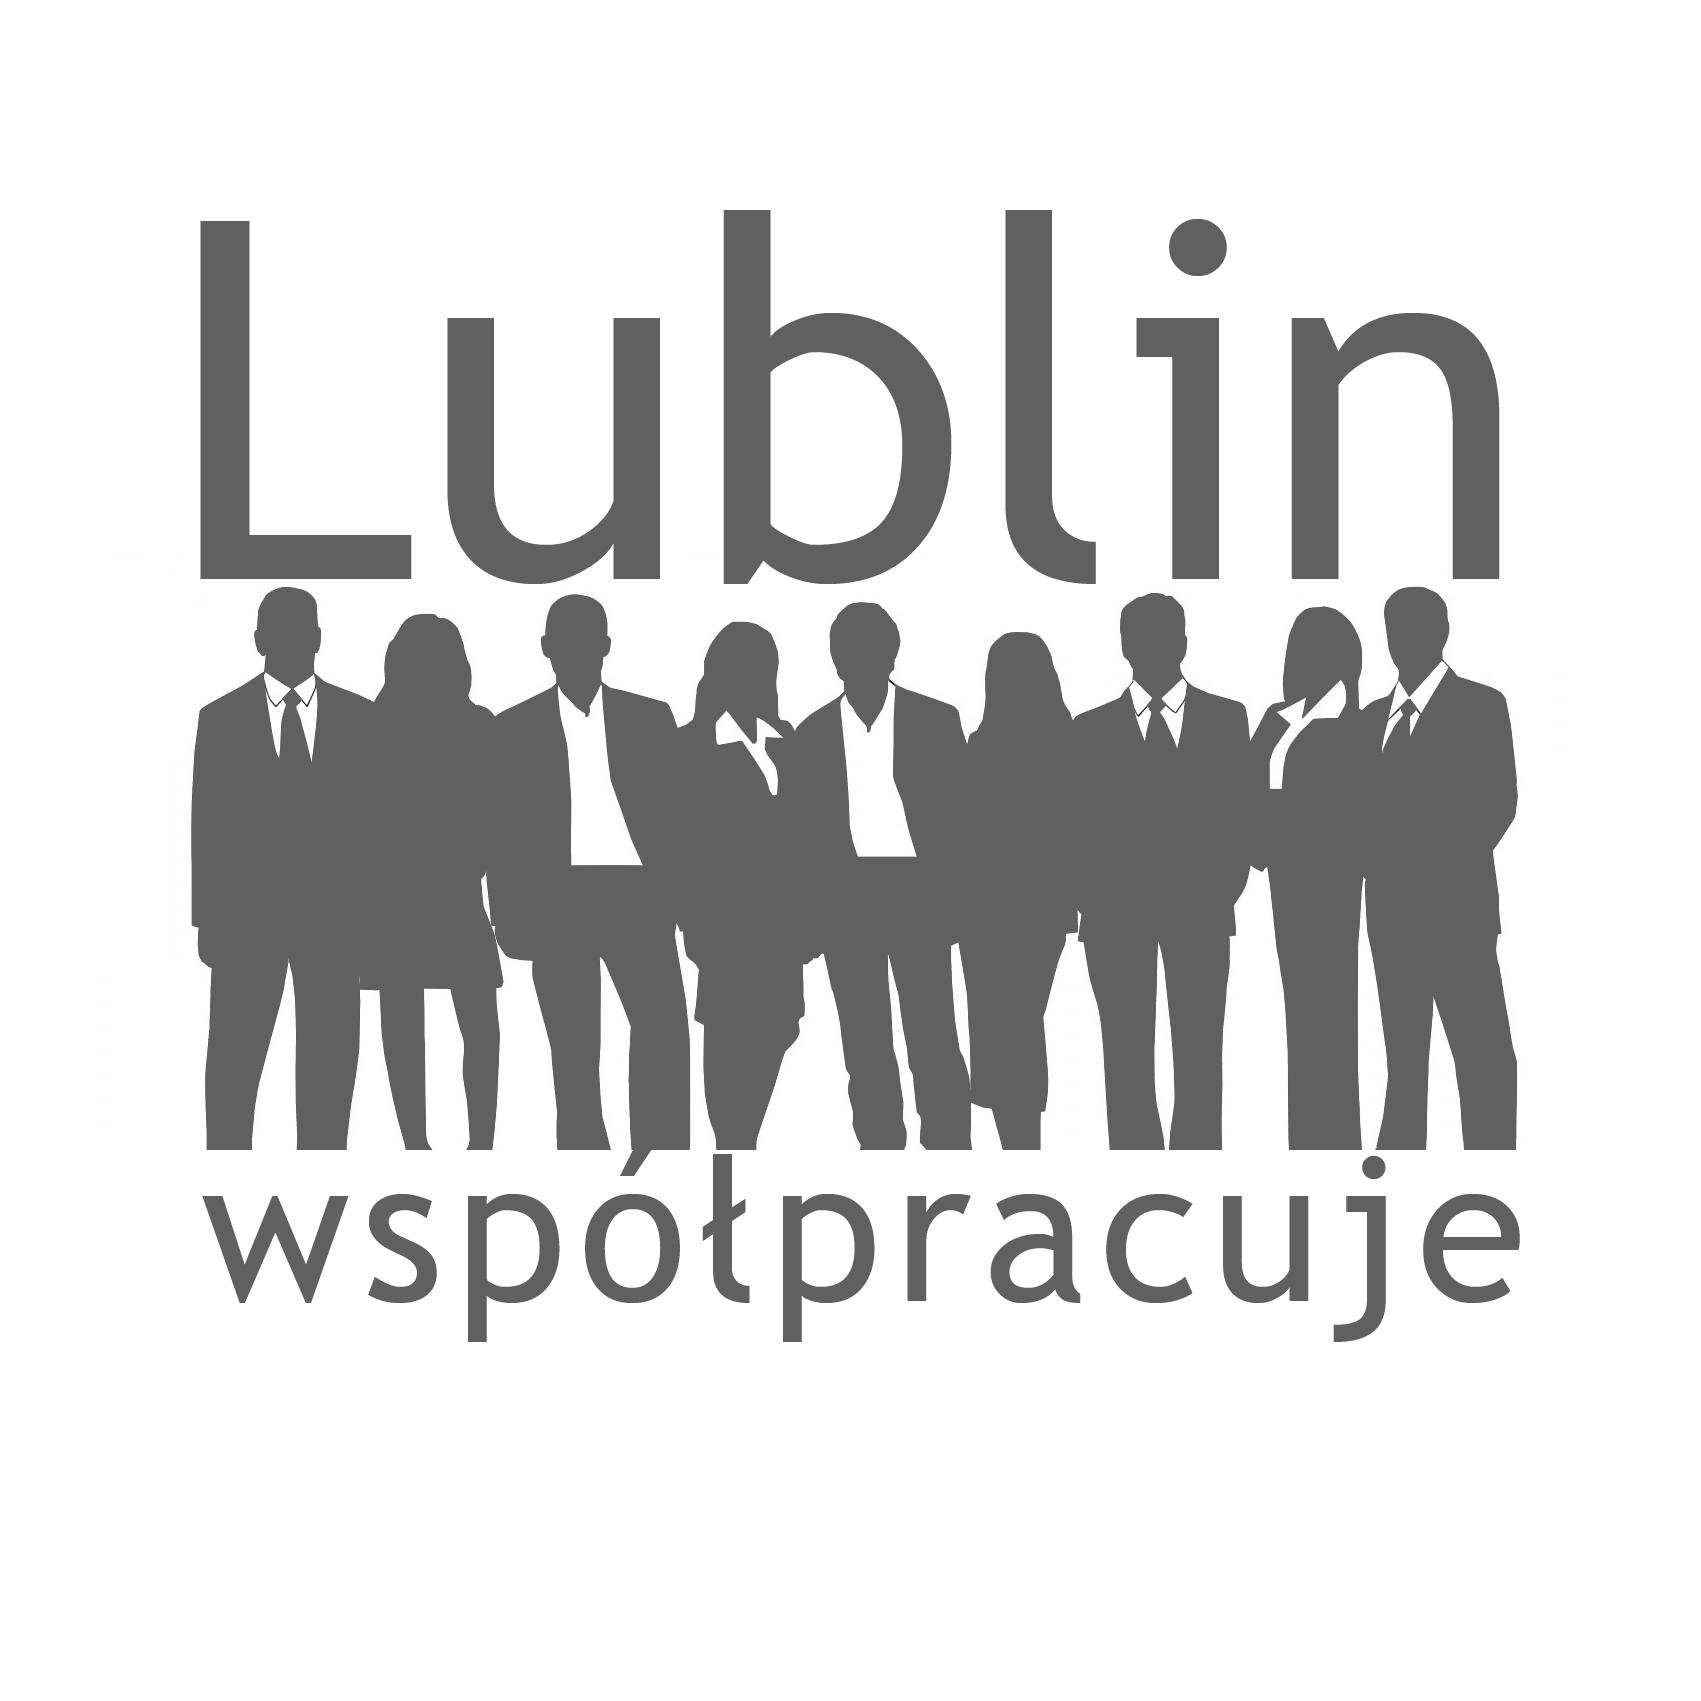 Lublin współpracuje